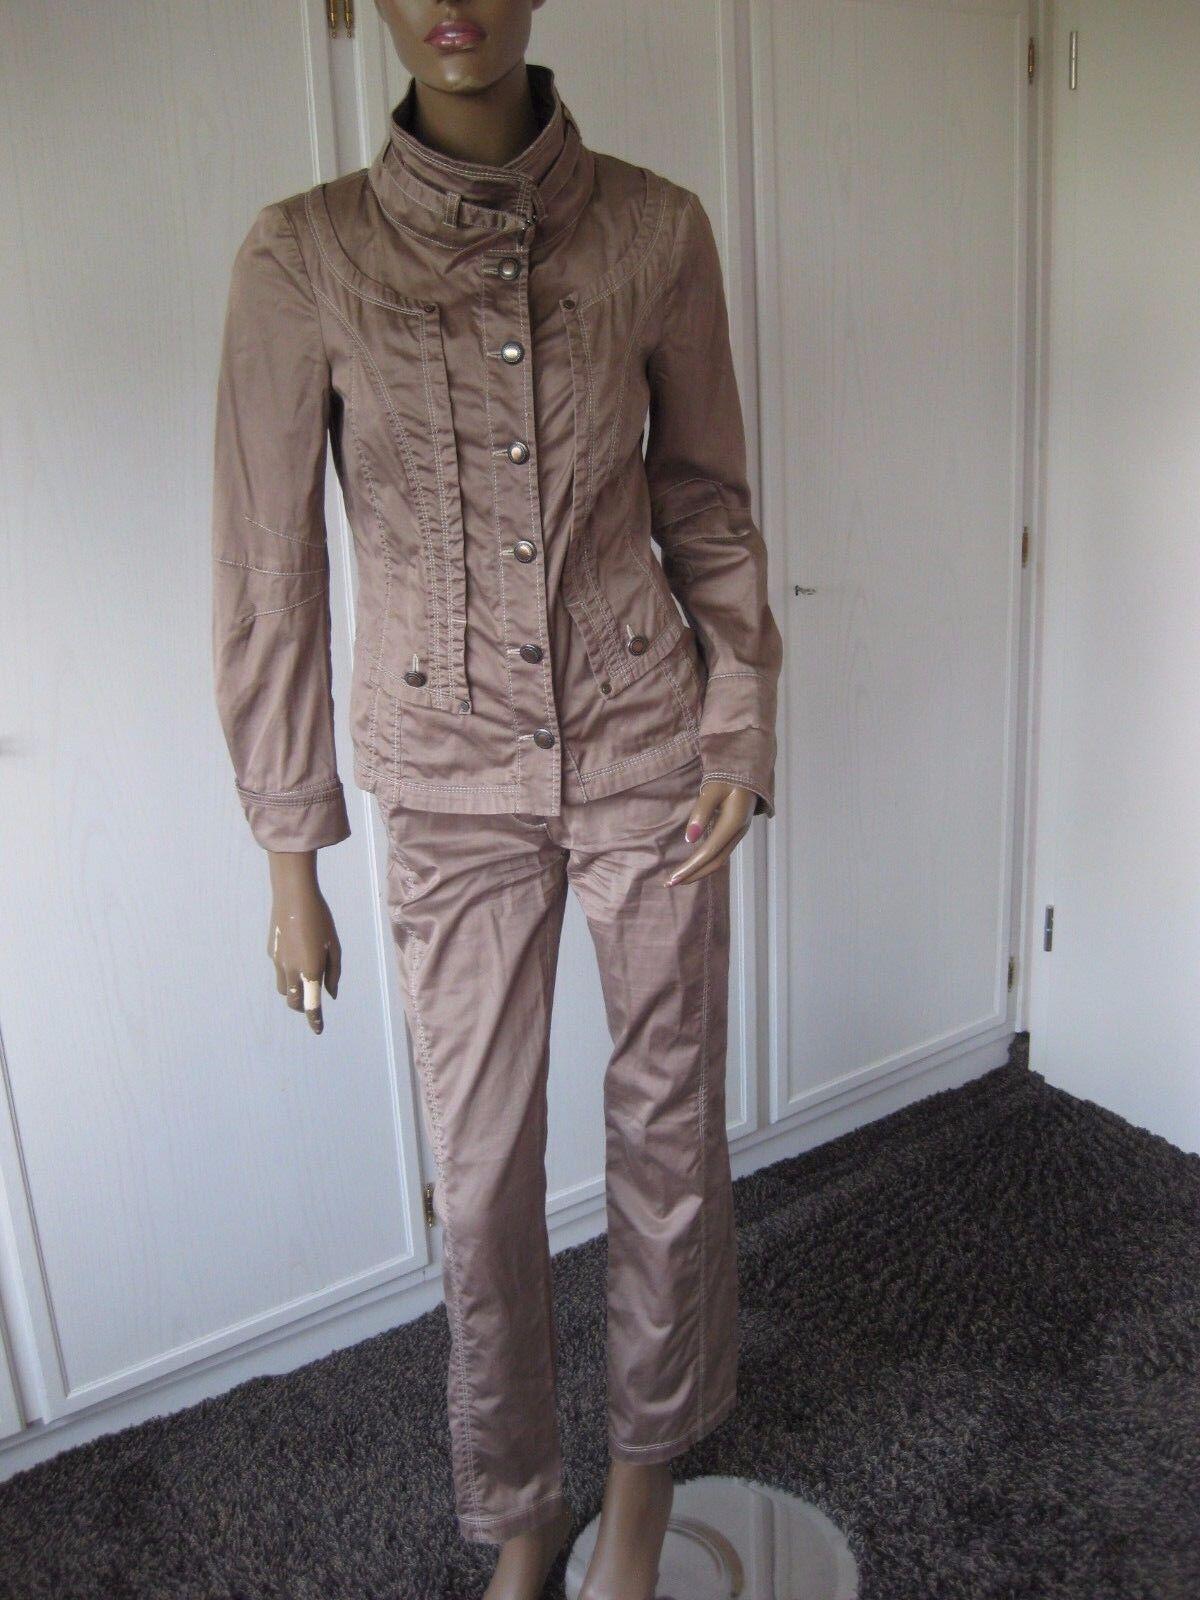 Biba exclusiver Pantaloni vestito combinazione 34 36 Tortora Giacca + + + Pantaloni c1cd3d